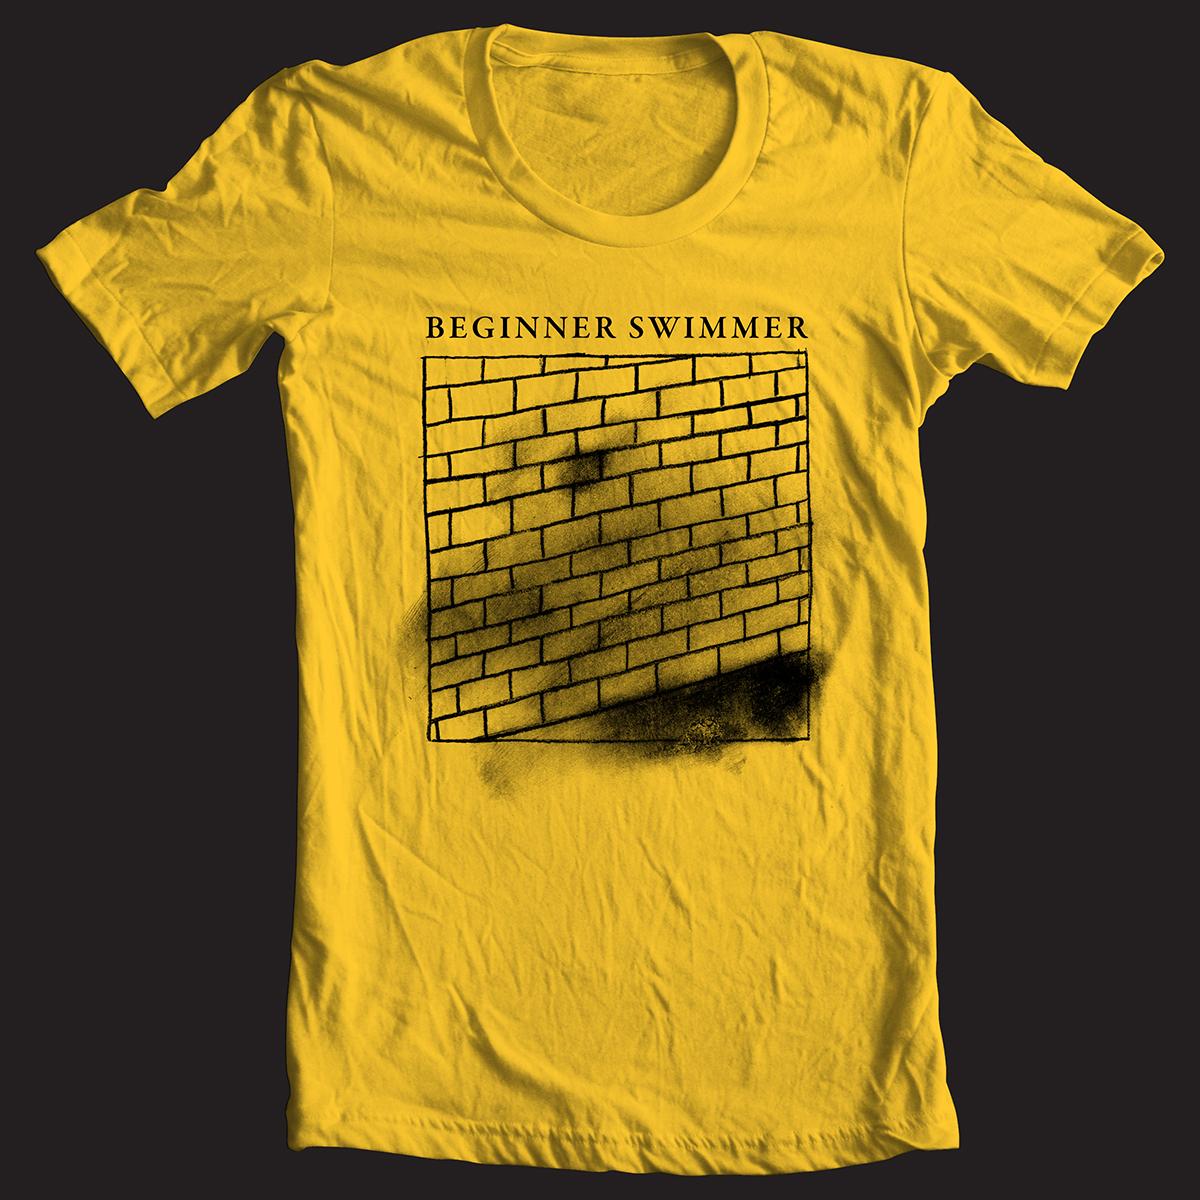 shirt_begin_swim.jpg